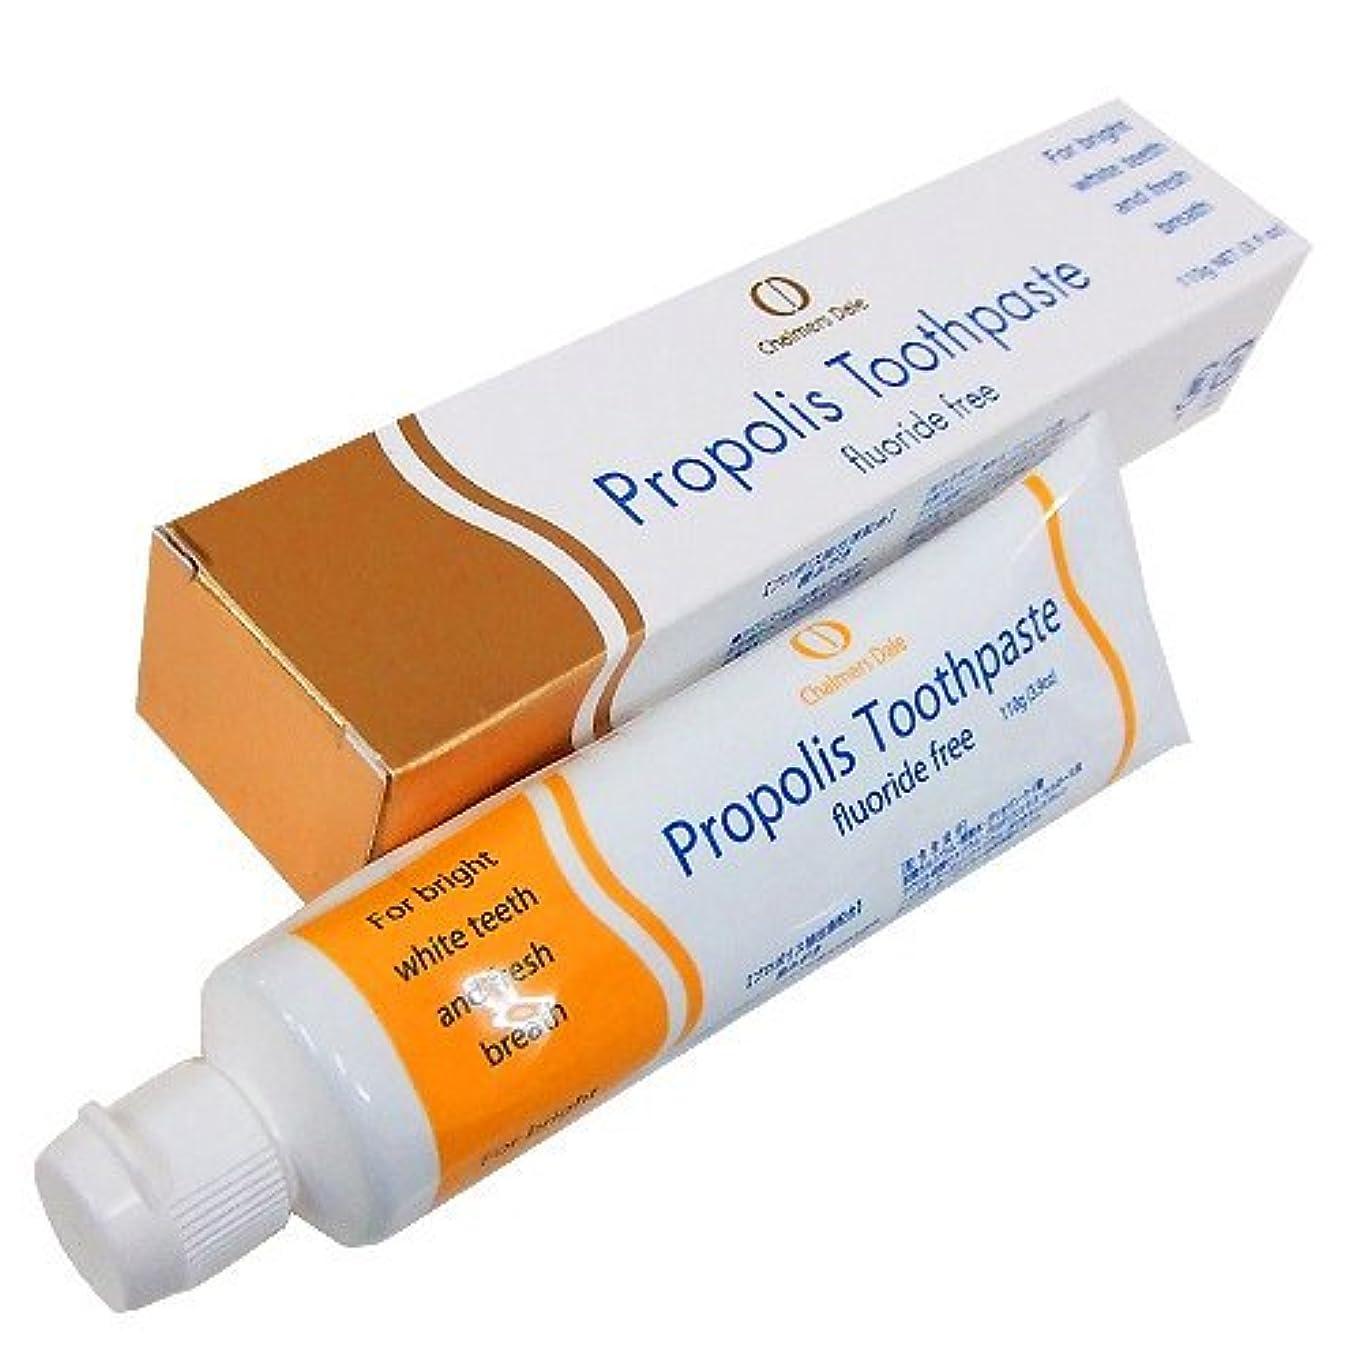 見える誰か疾患プロポリス歯磨き 110g フッ素は配合していません